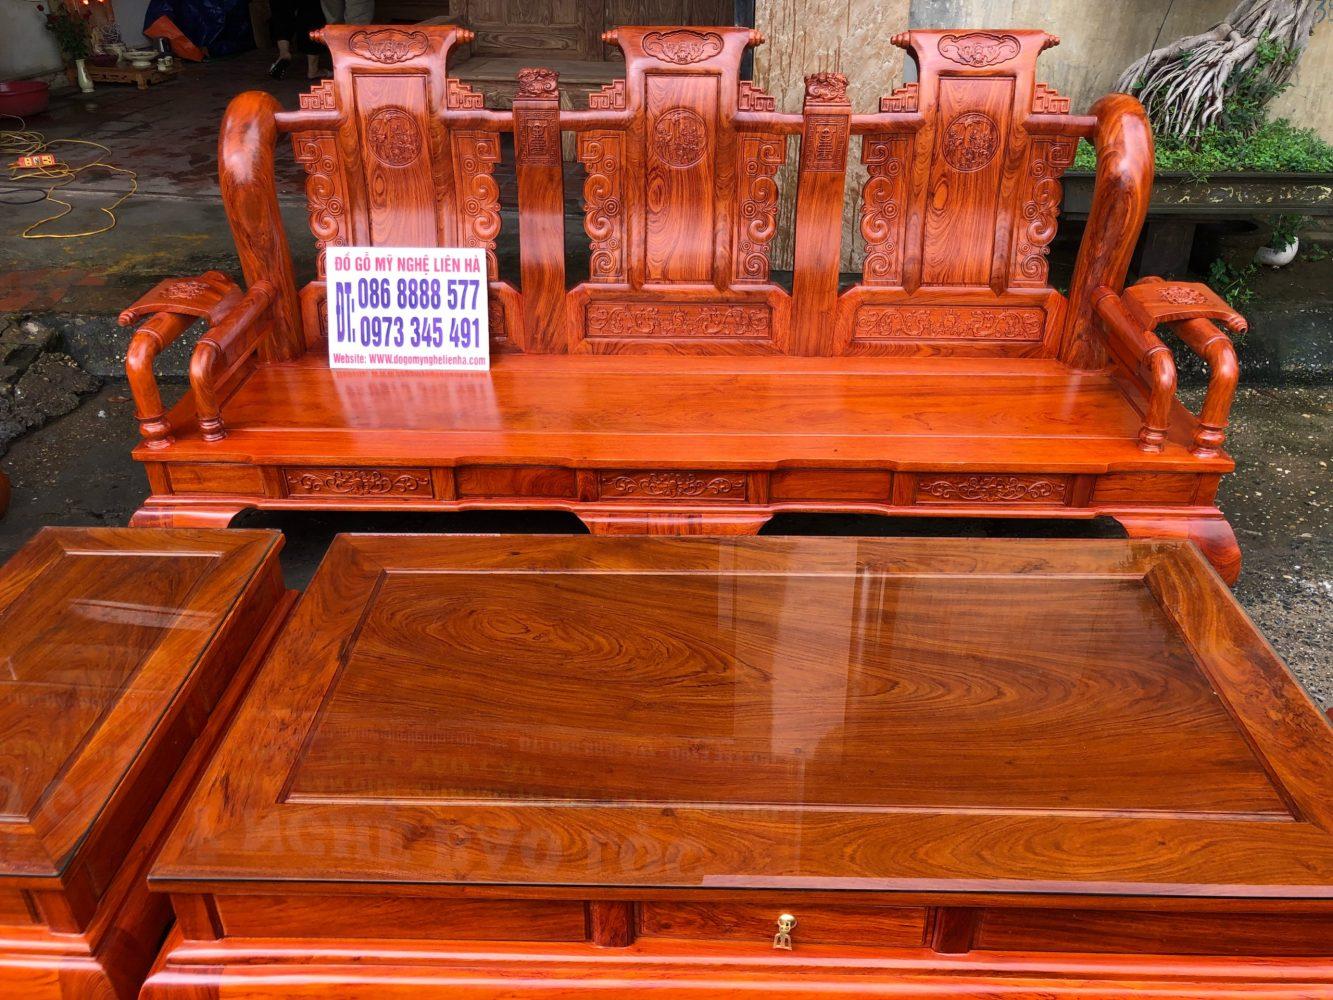 đoản dài bộ ghế tần thủy hoàng 7 món cột 12 bàn đục gỗ hương đá VIP